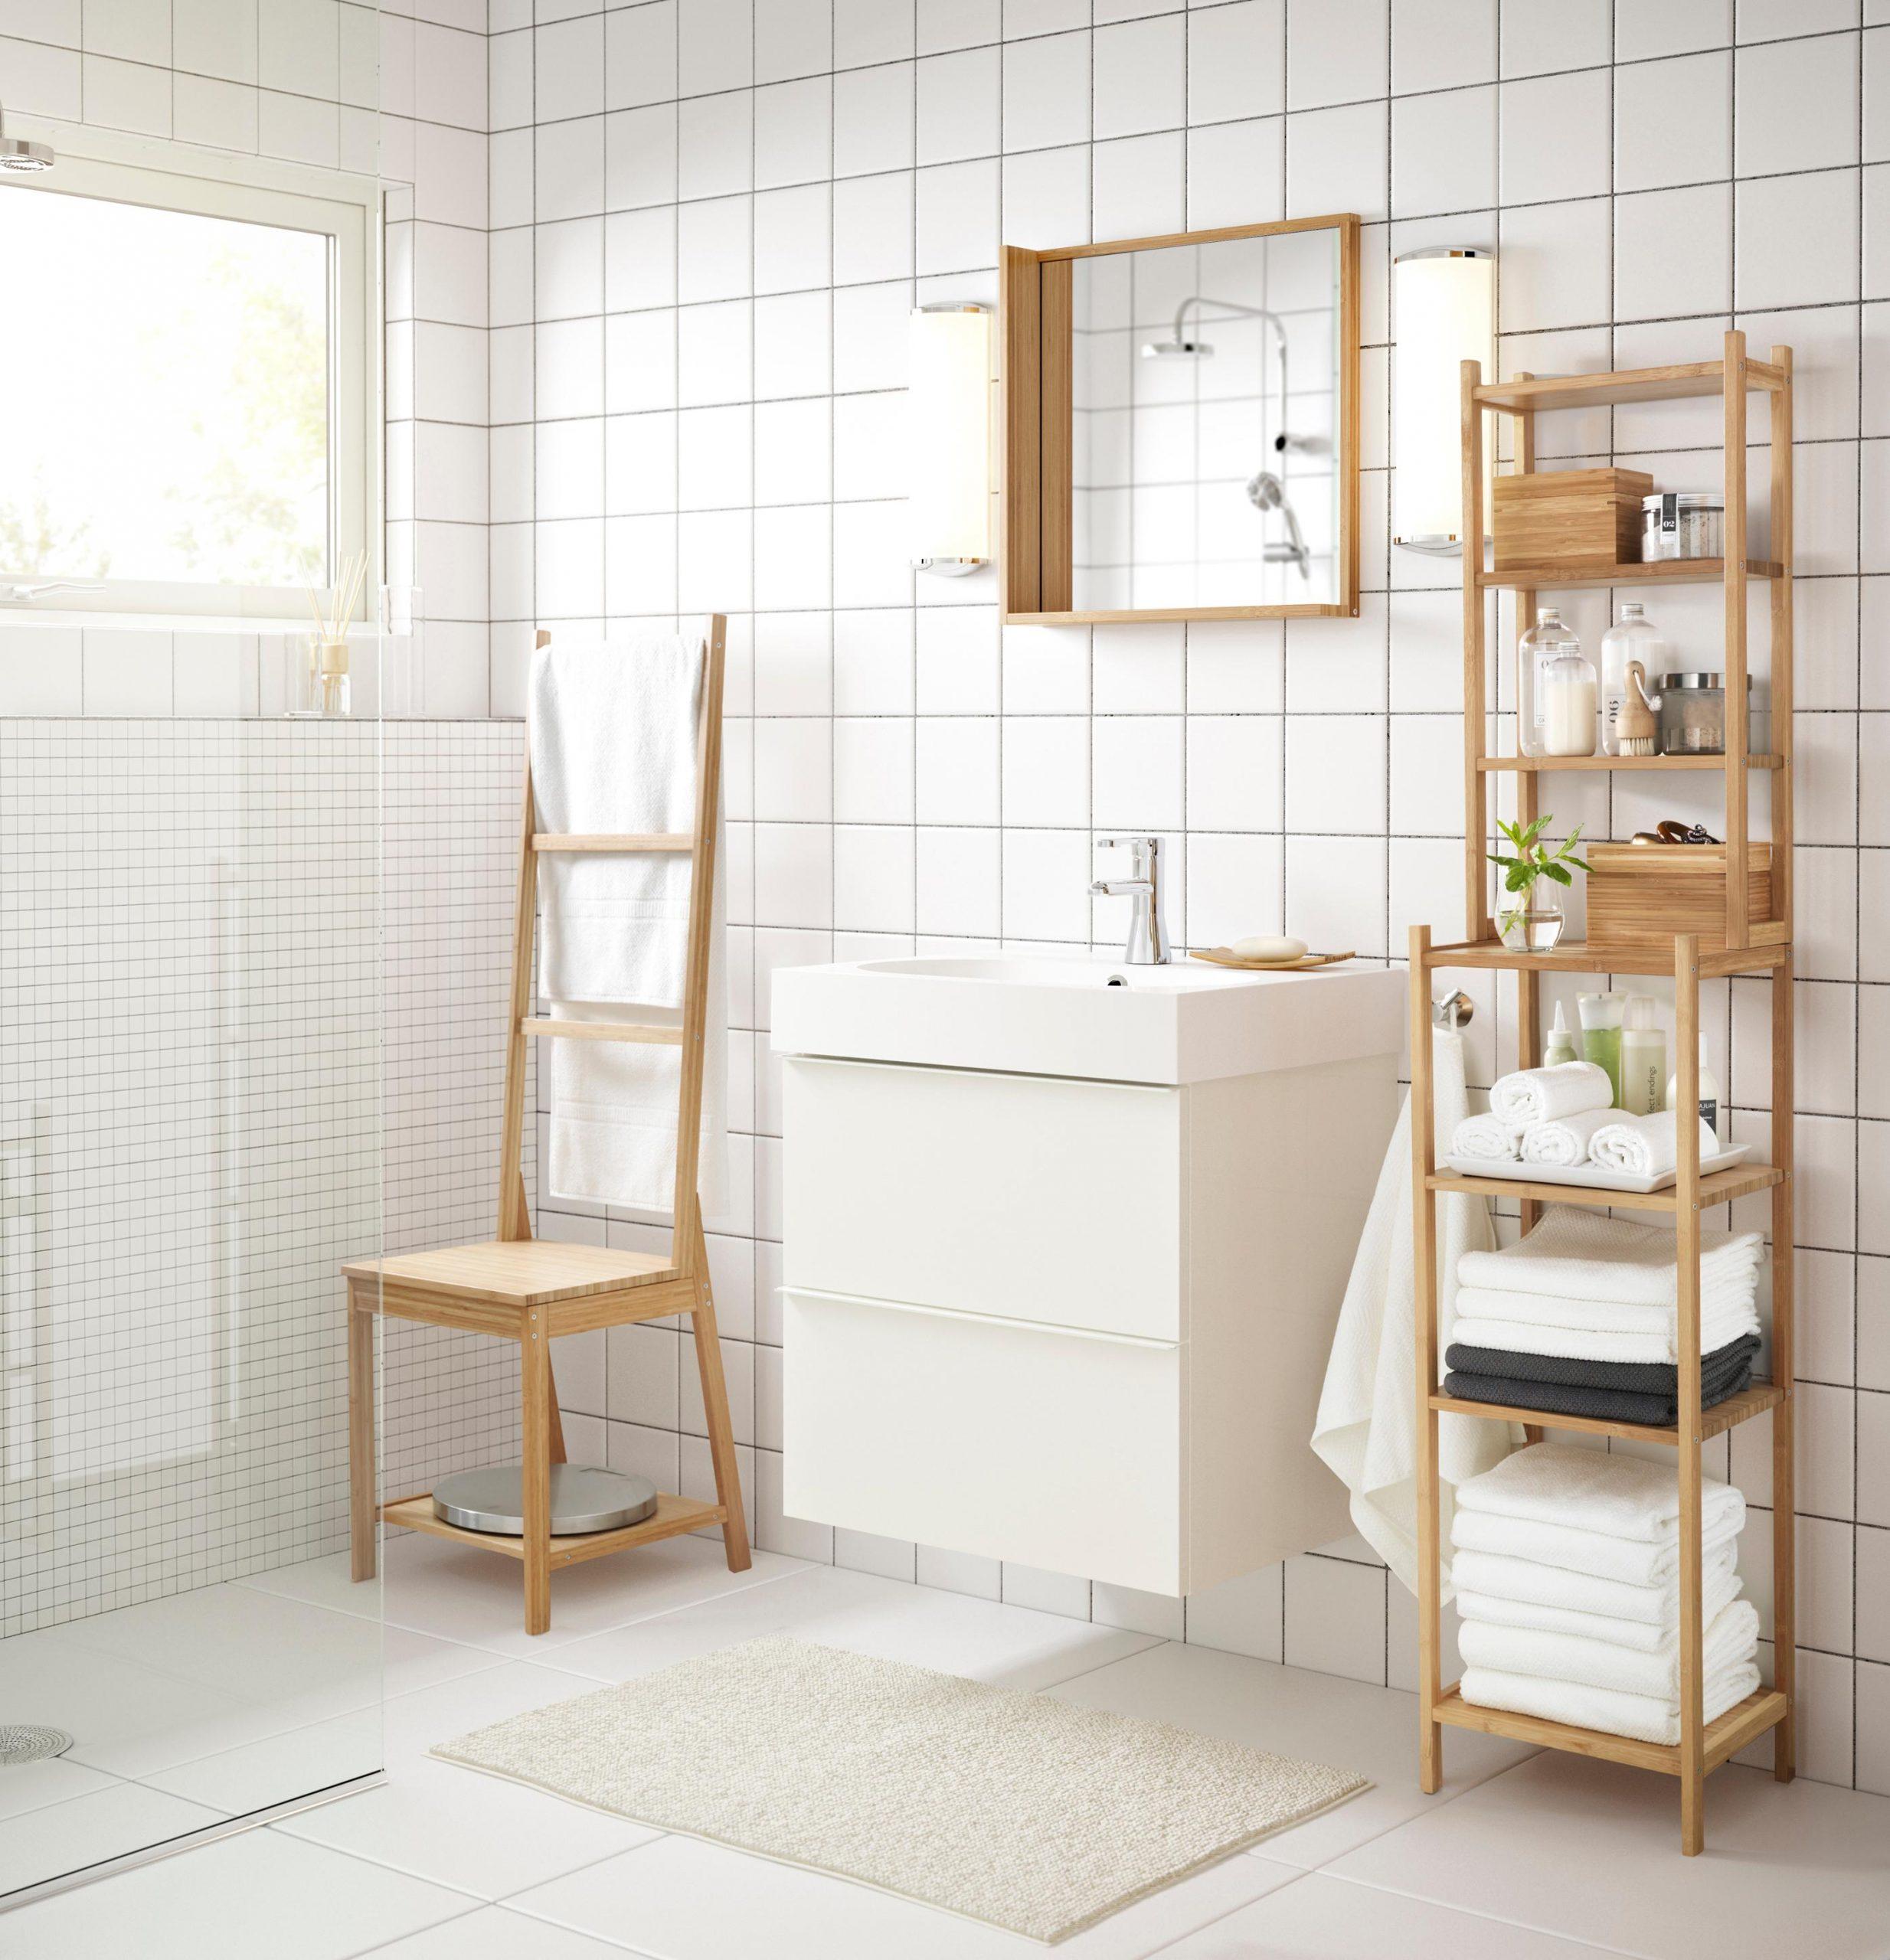 Full Size of Ikea Holzregal Helle Holzmbel Holzstuhl Holzreg Betten 160x200 Miniküche Küche Kosten Modulküche Kaufen Sofa Mit Schlaffunktion Bei Badezimmer Wohnzimmer Ikea Holzregal